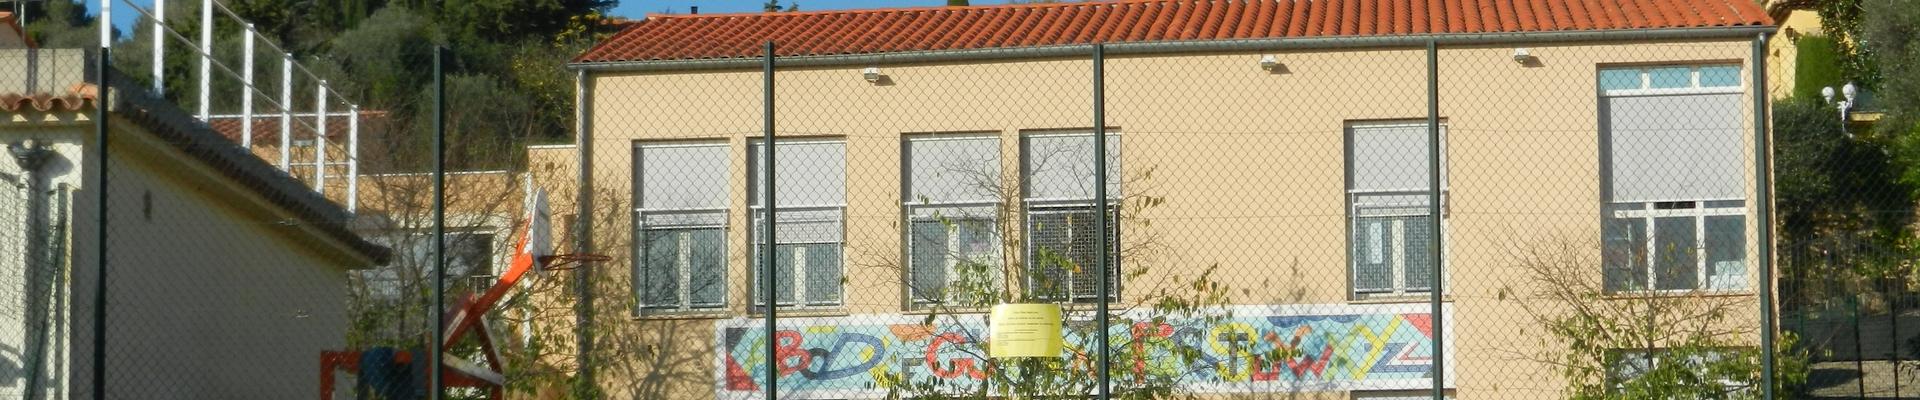 Bandeau Ecole maternelle Le Rouret